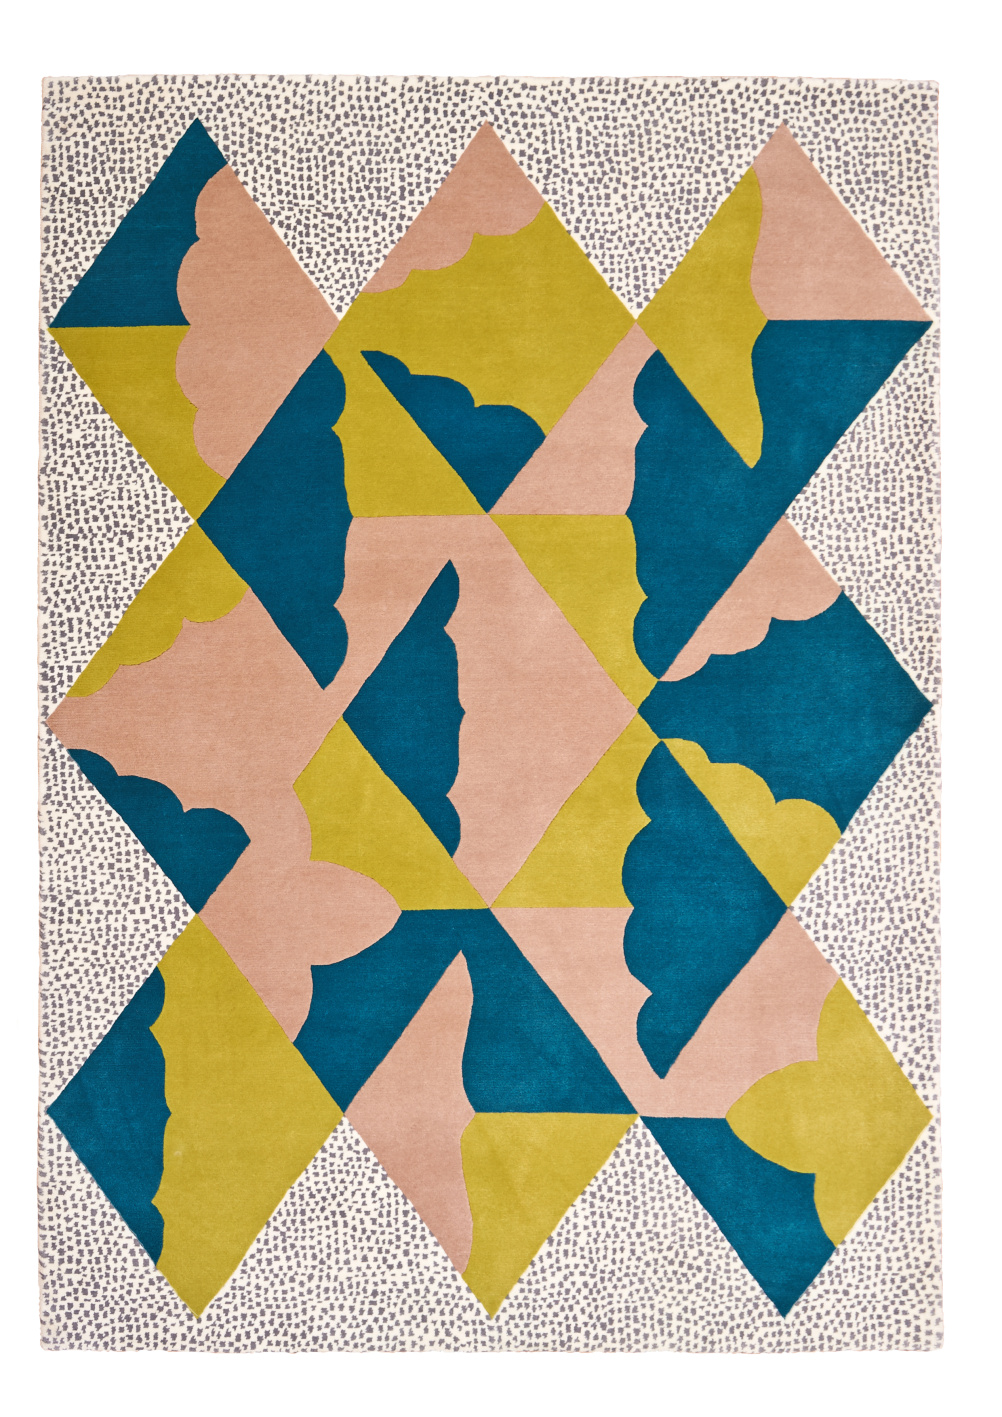 Kangan Arora and FLOOR_STORY rug collaboration